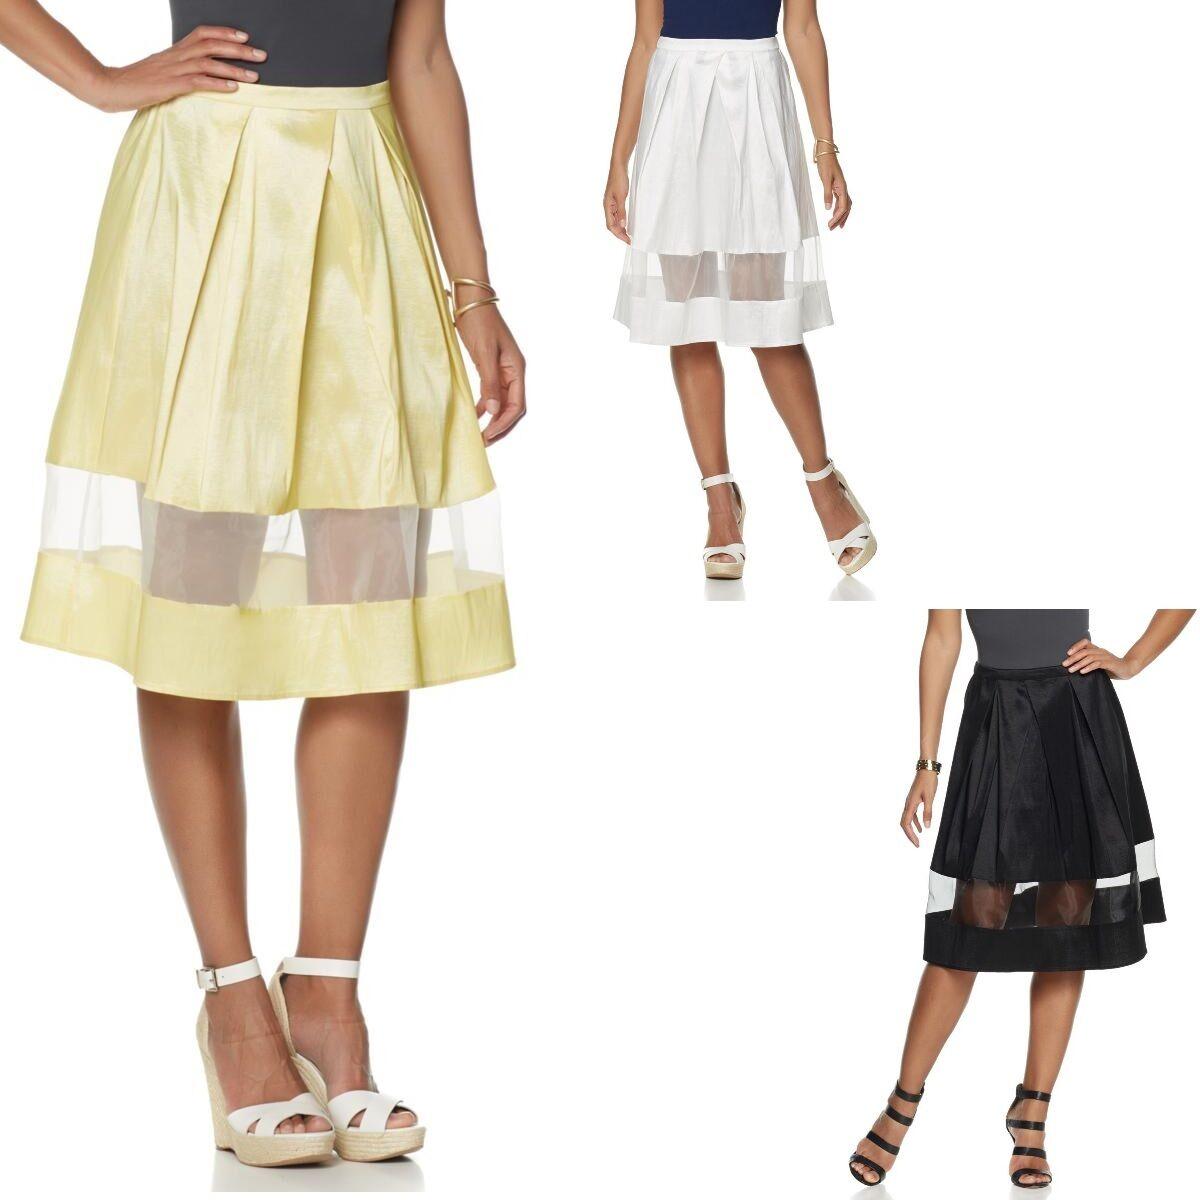 90.00 Wendy Williams Pleated Taffeta A-Line Skirt 469755J LAST ONE (1X)  59.95